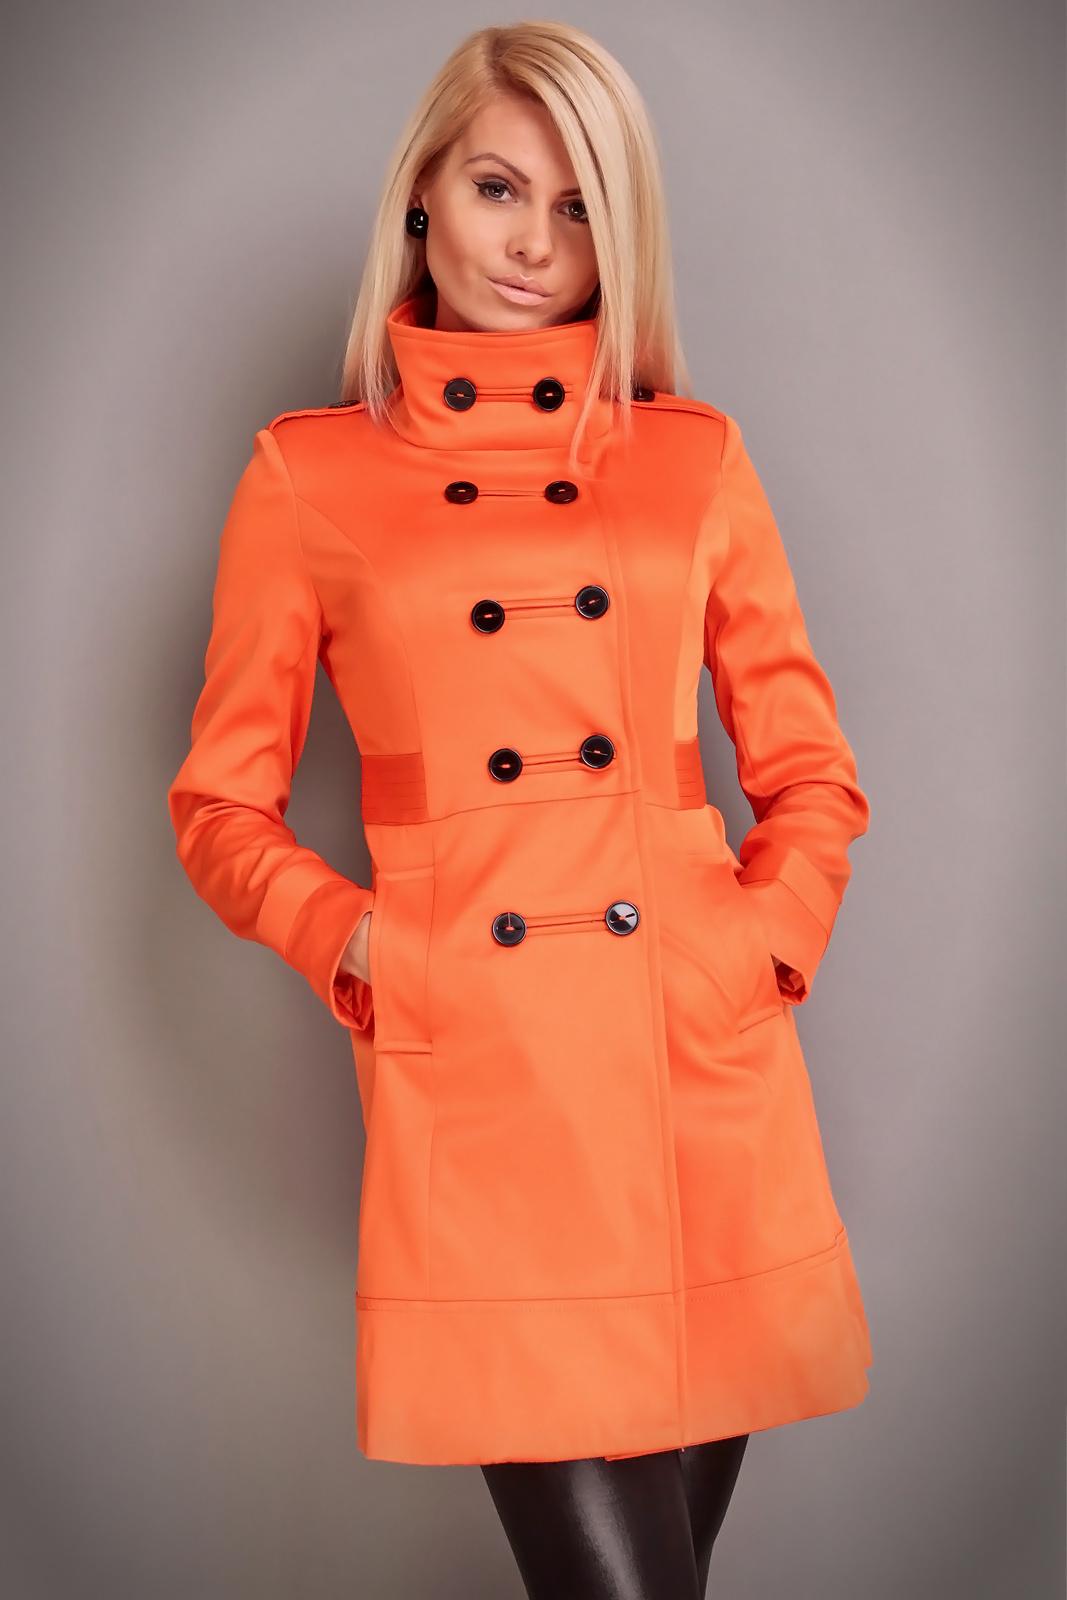 trendiger damen trenchcoat mantel jacke blazer 6 farben ebay. Black Bedroom Furniture Sets. Home Design Ideas